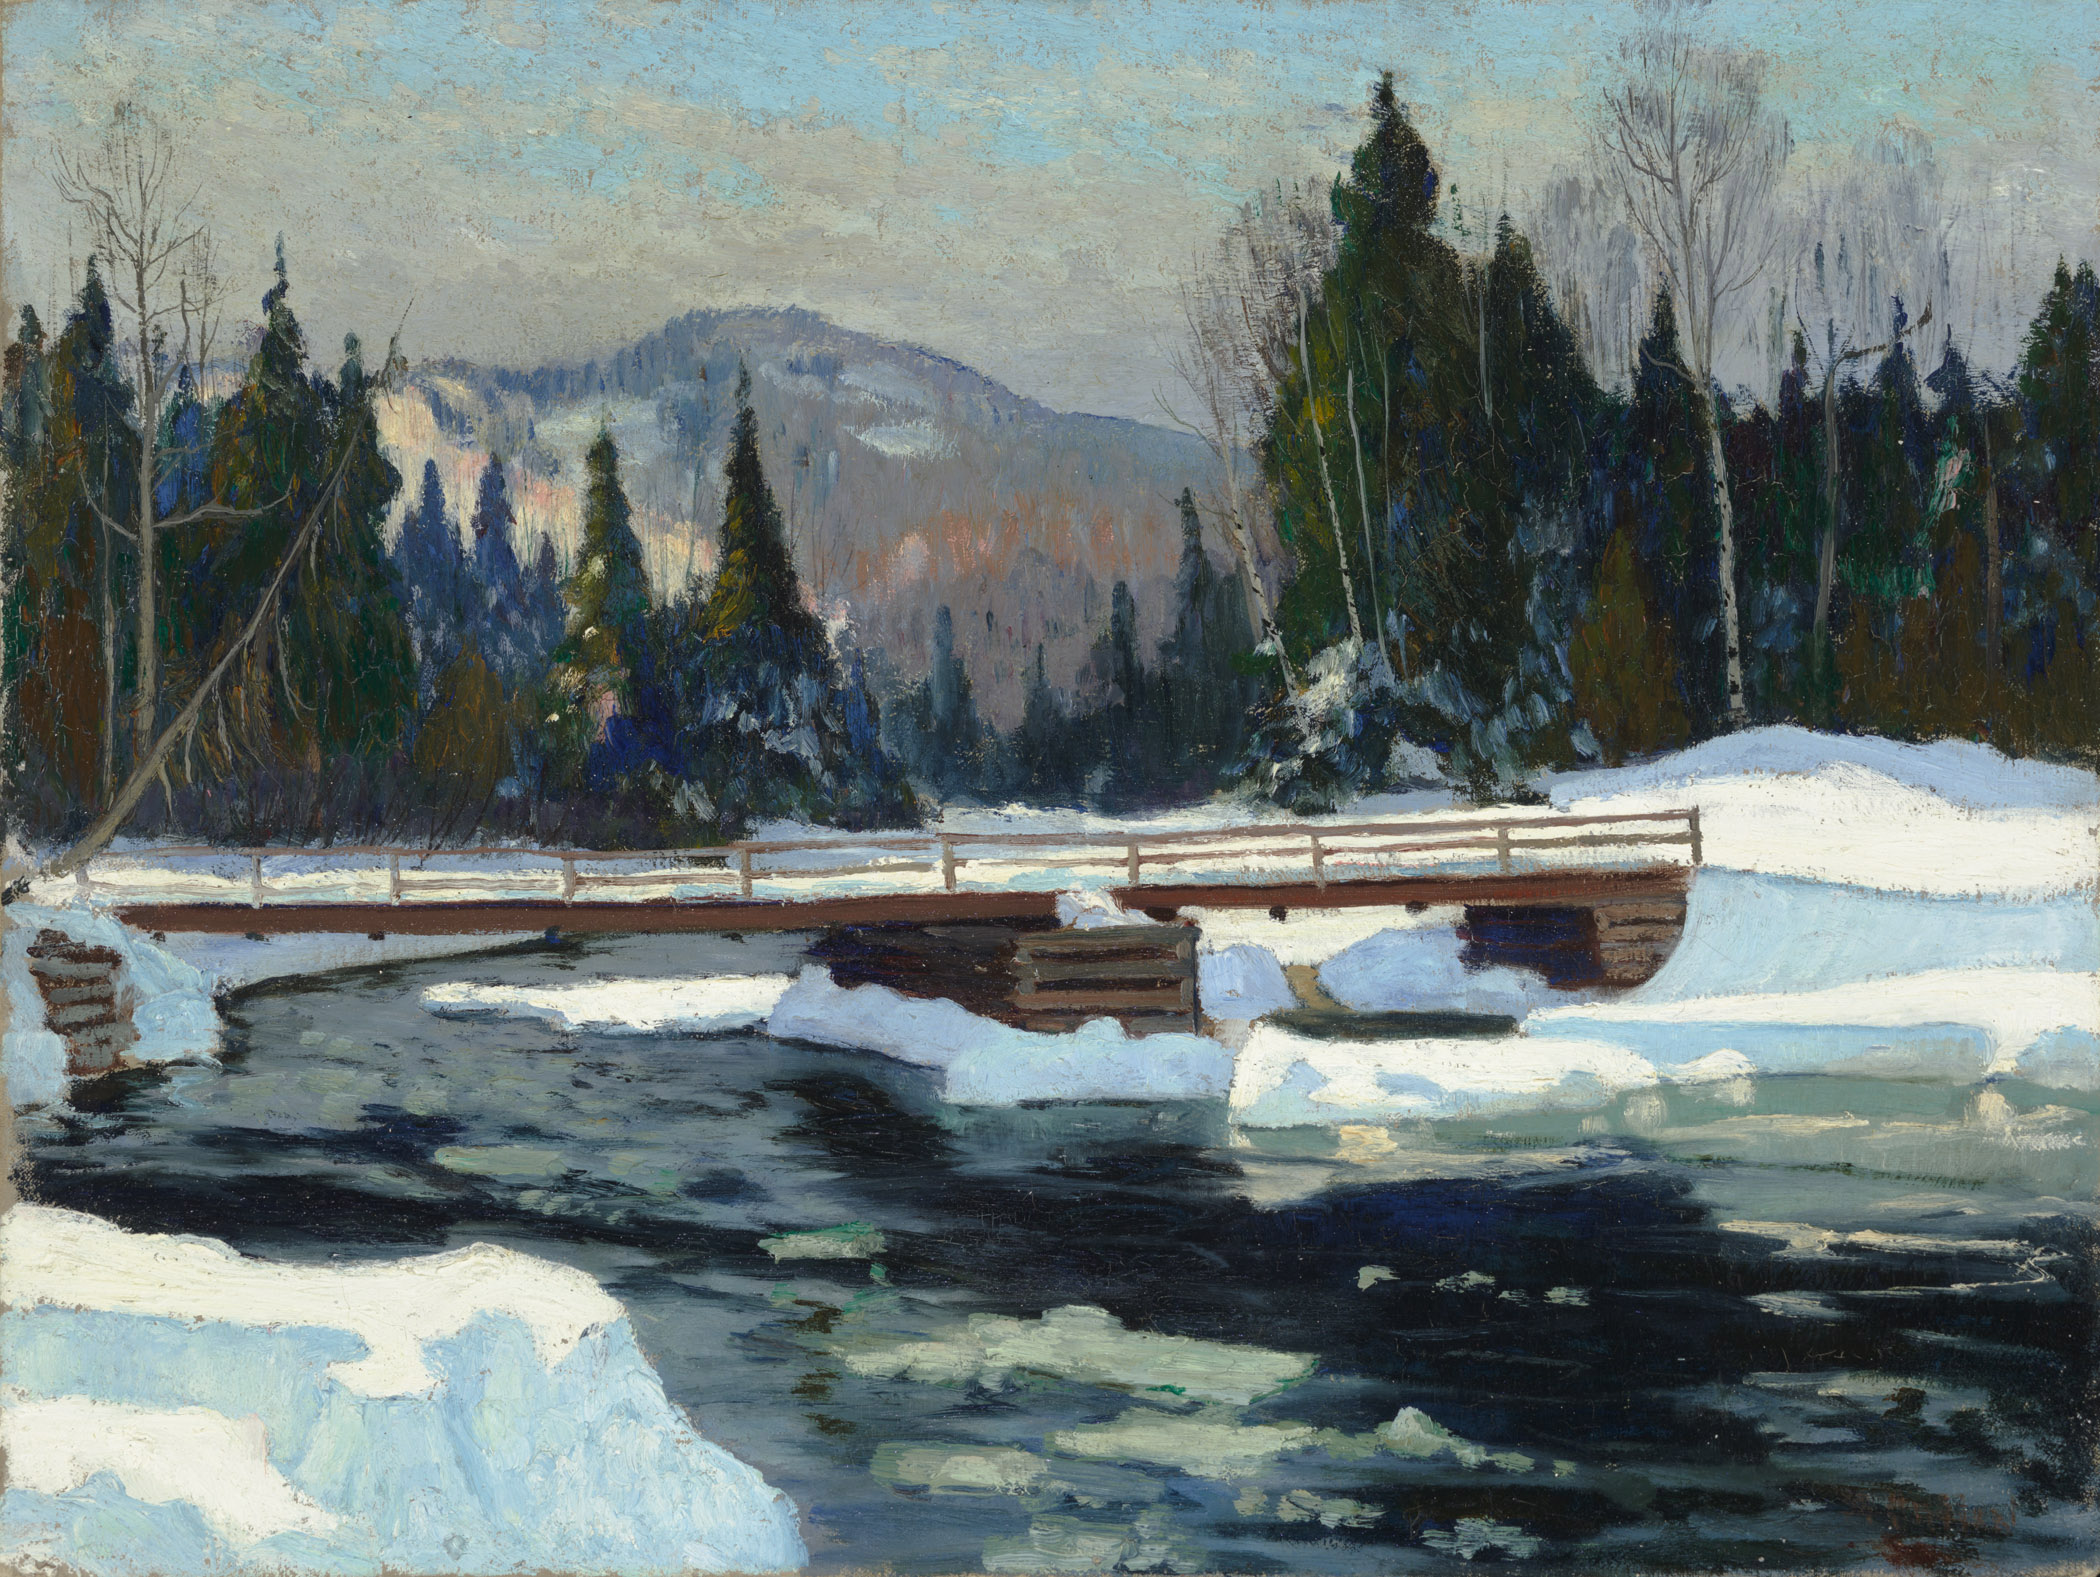 Maurice Cullen, Le vieux pont sainte-marguerite